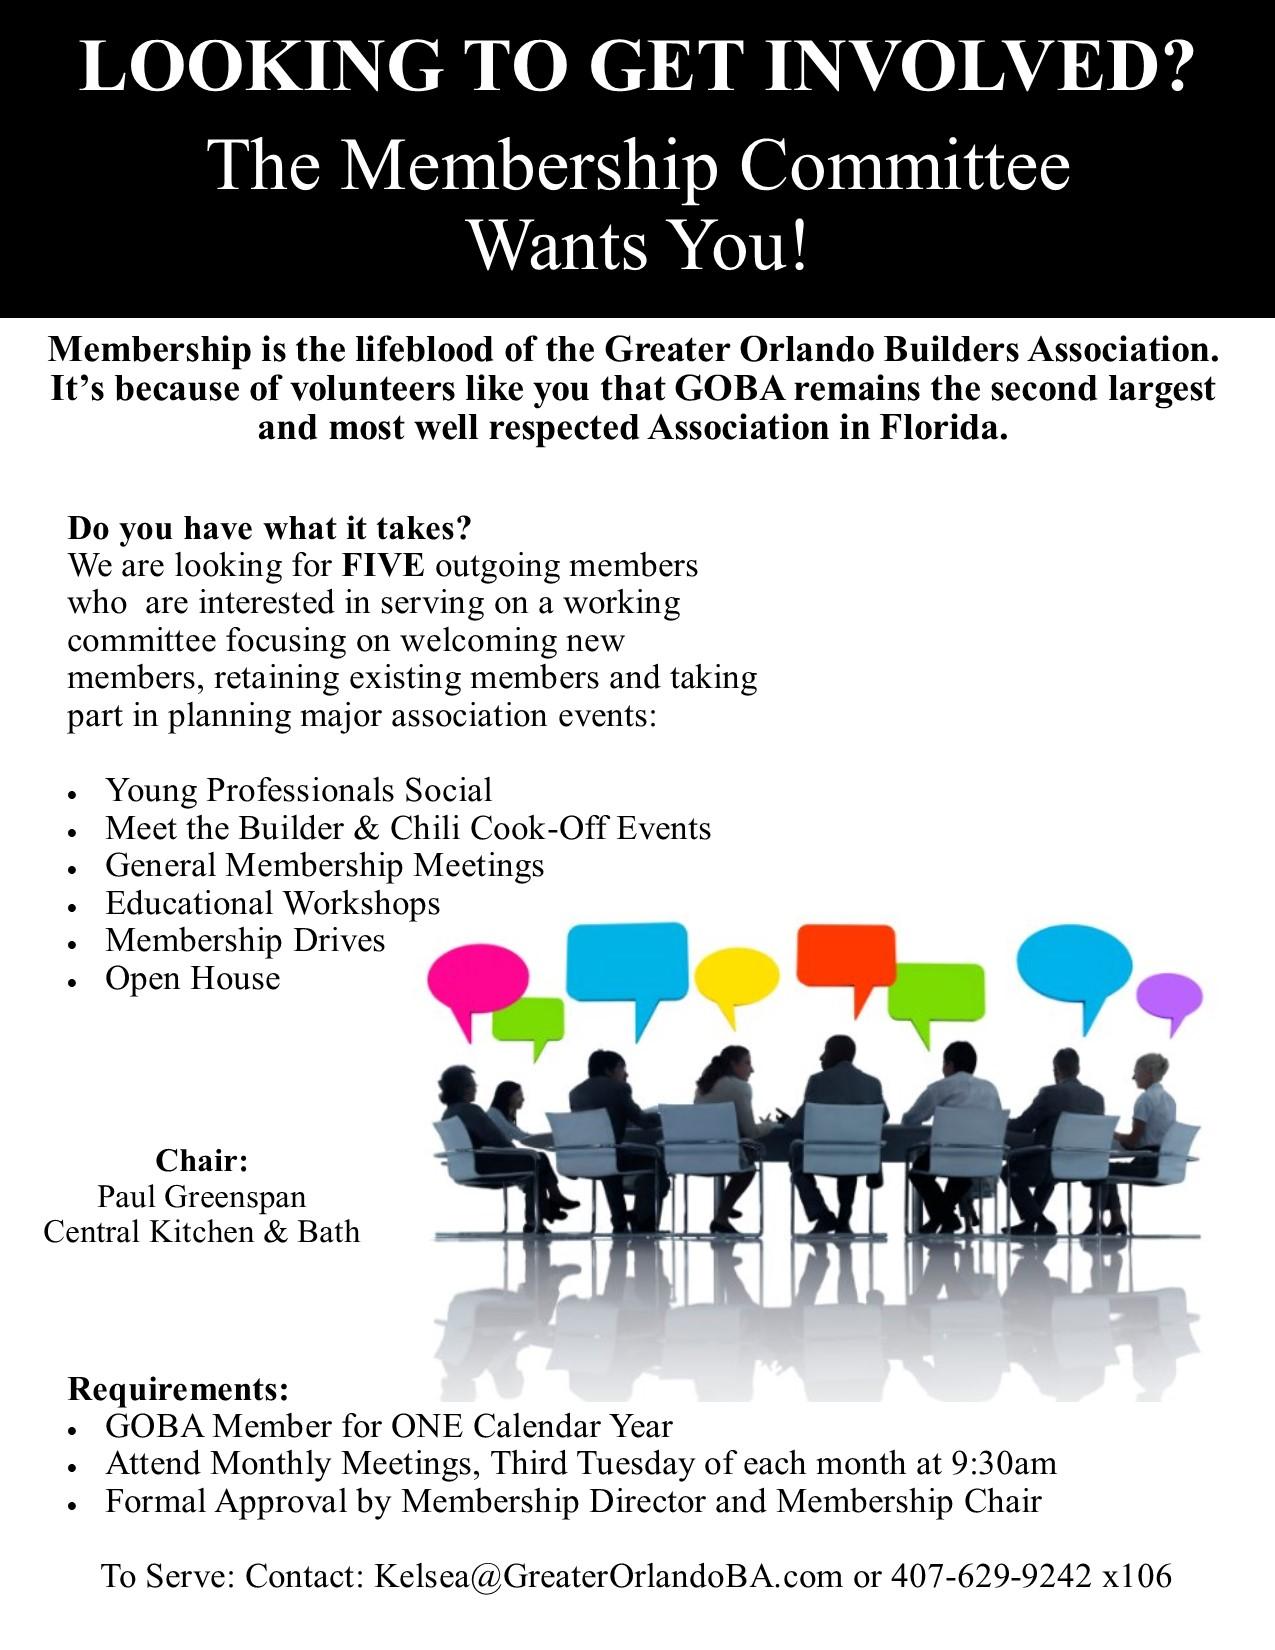 Membership-Committee-Wants-You-2018-UPDATED.jpg